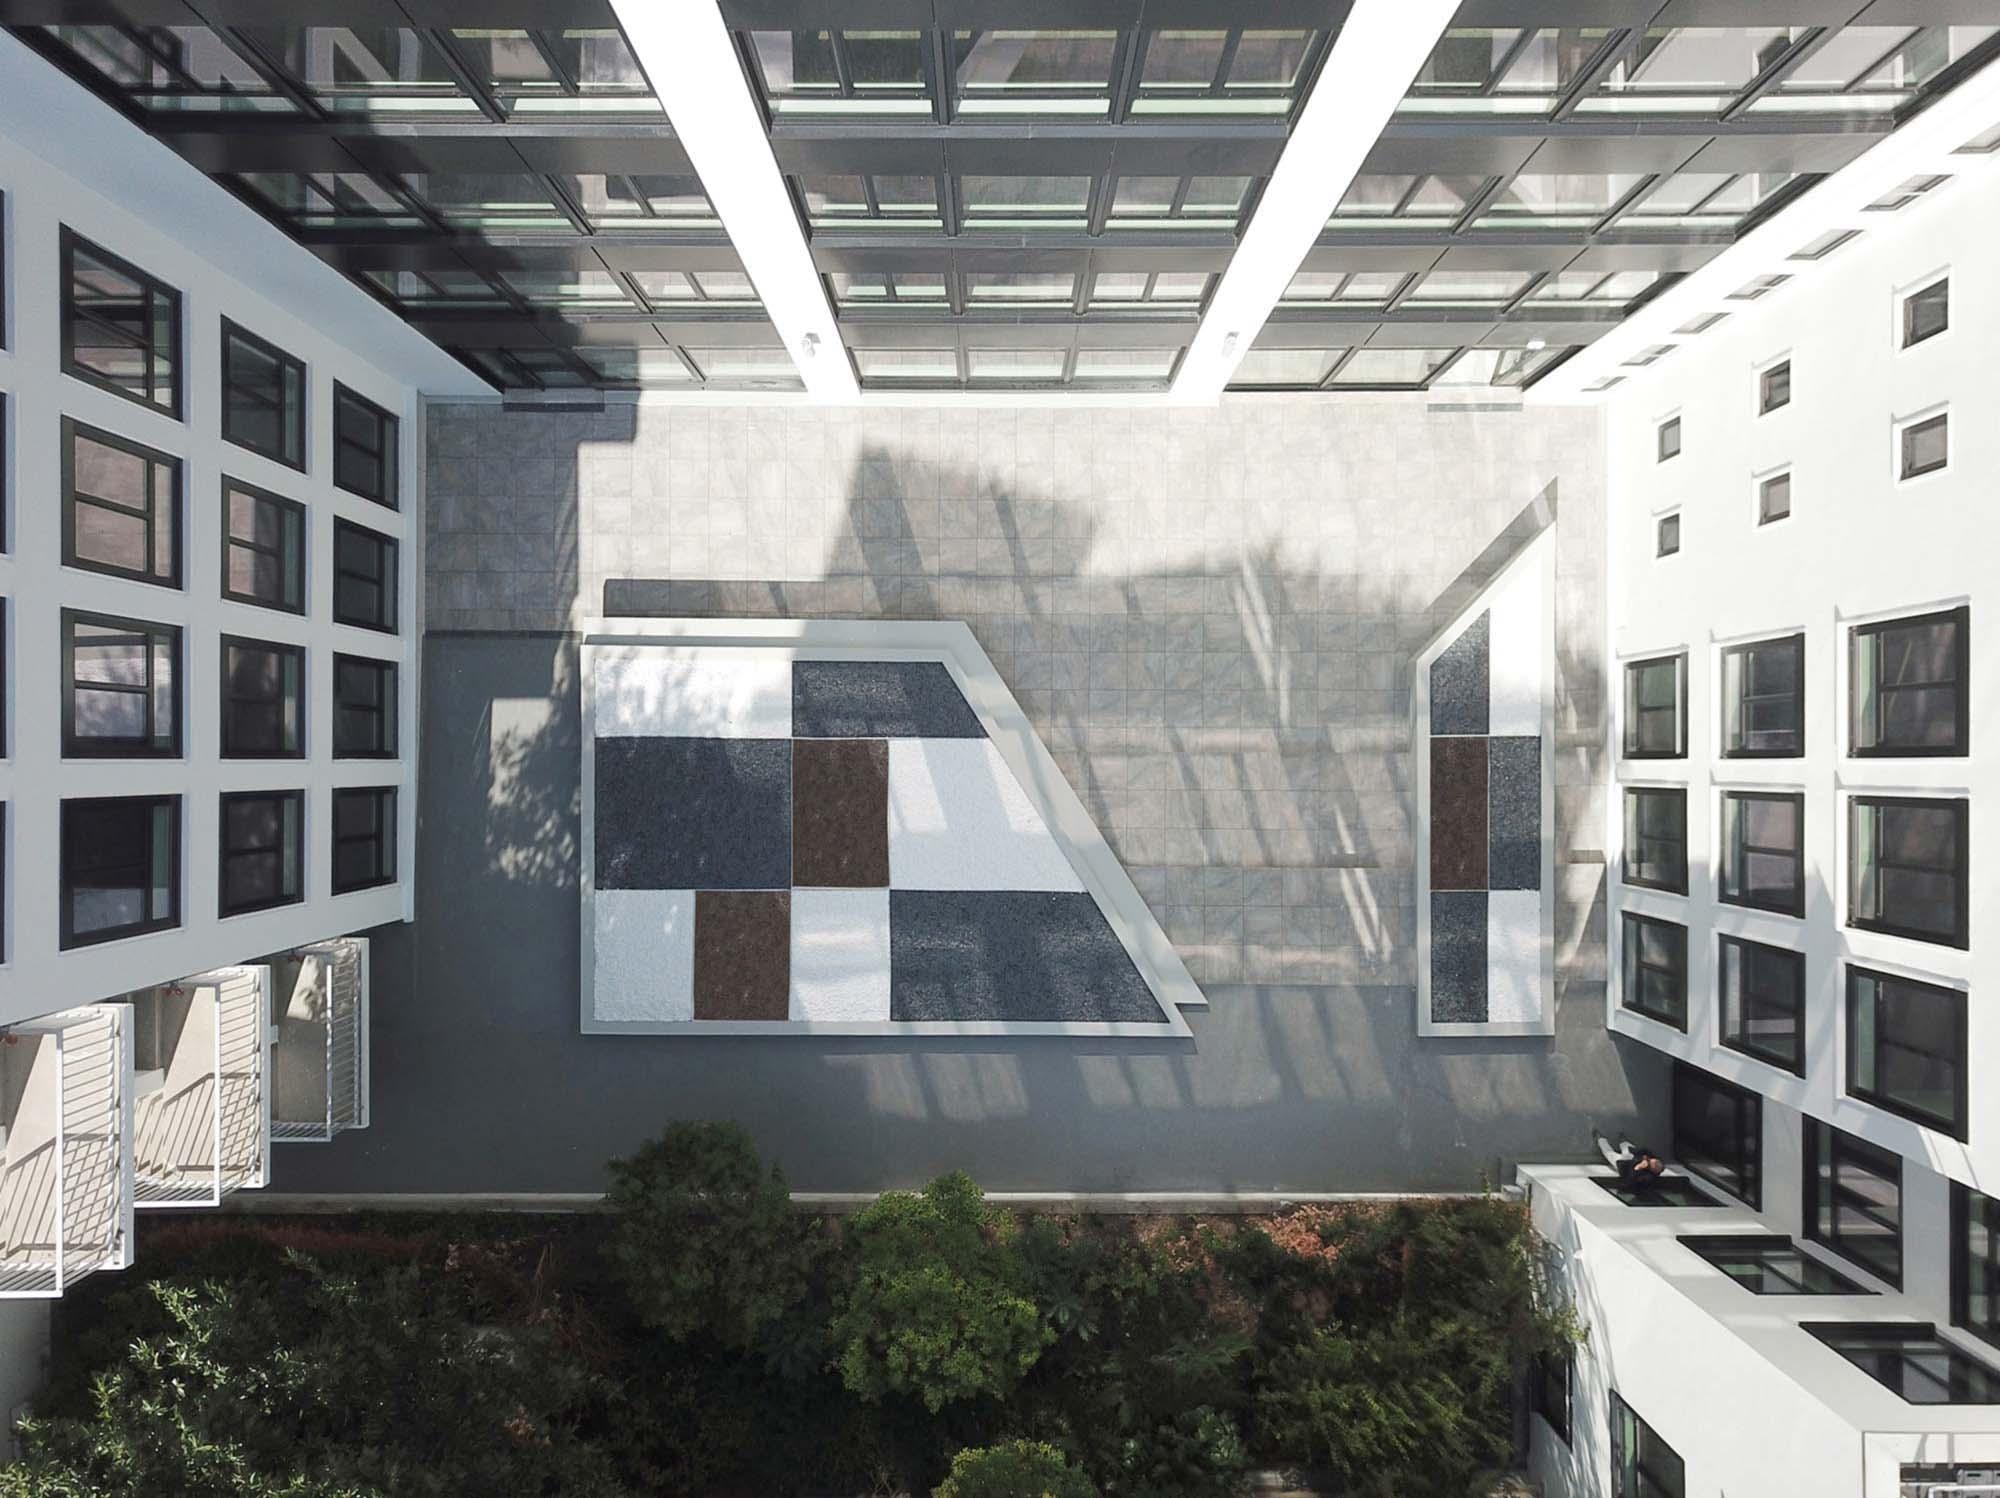 Raf Listowski Atelier d'Architecture création bureaux réhabilitation transformation nouveau siège social Carac Thétis felix potin Neuilly